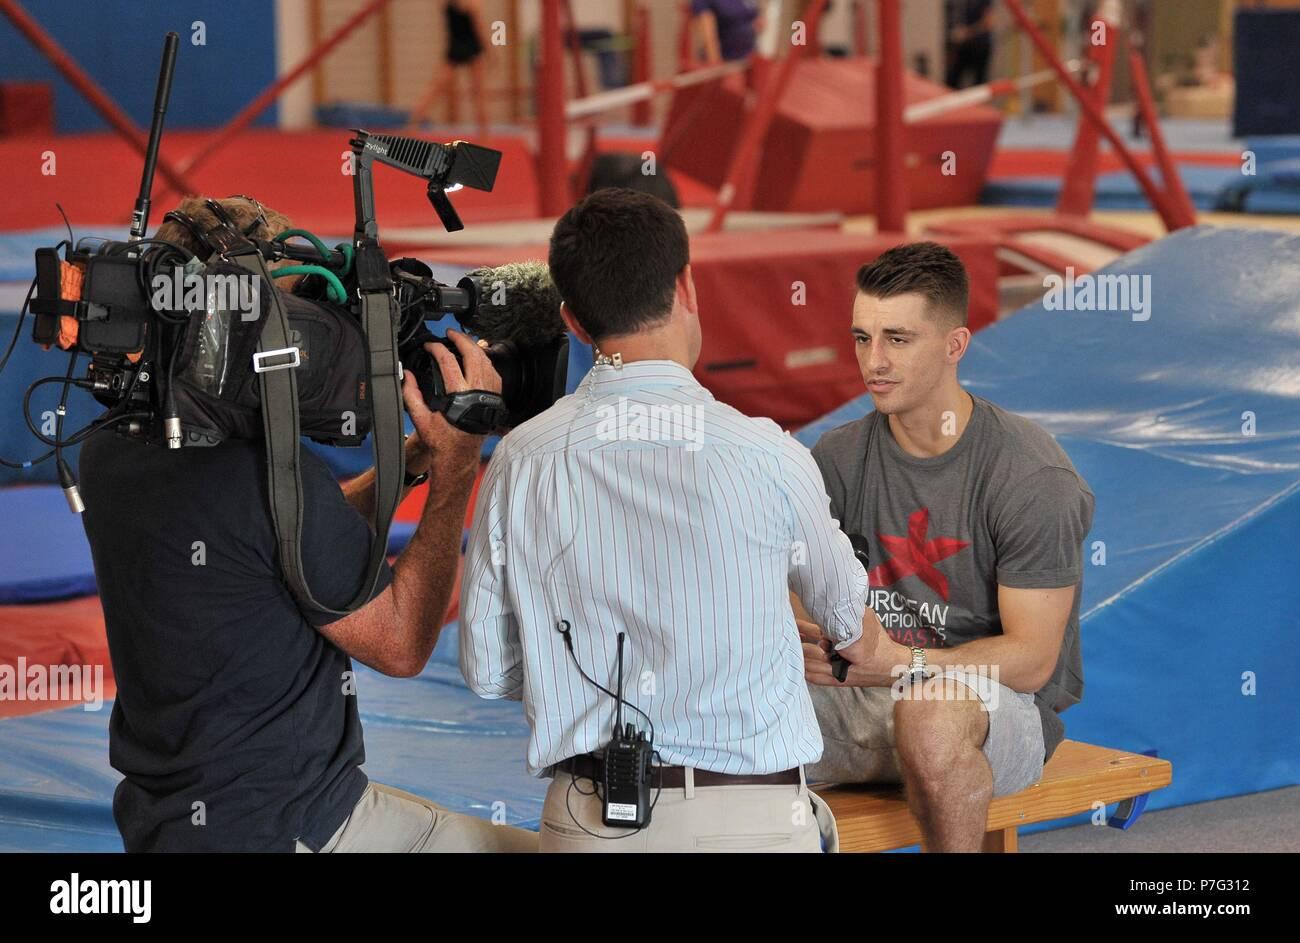 Basildon, Regno Unito. 6 luglio 2018. Max Whitlock. Glasgow 2018 Ambasciatore di ginnastica. South Essex club di ginnastica. Basildon. Essex. Regno Unito. 06/07/2018. Credito: Sport In immagini/Alamy Live News Foto Stock